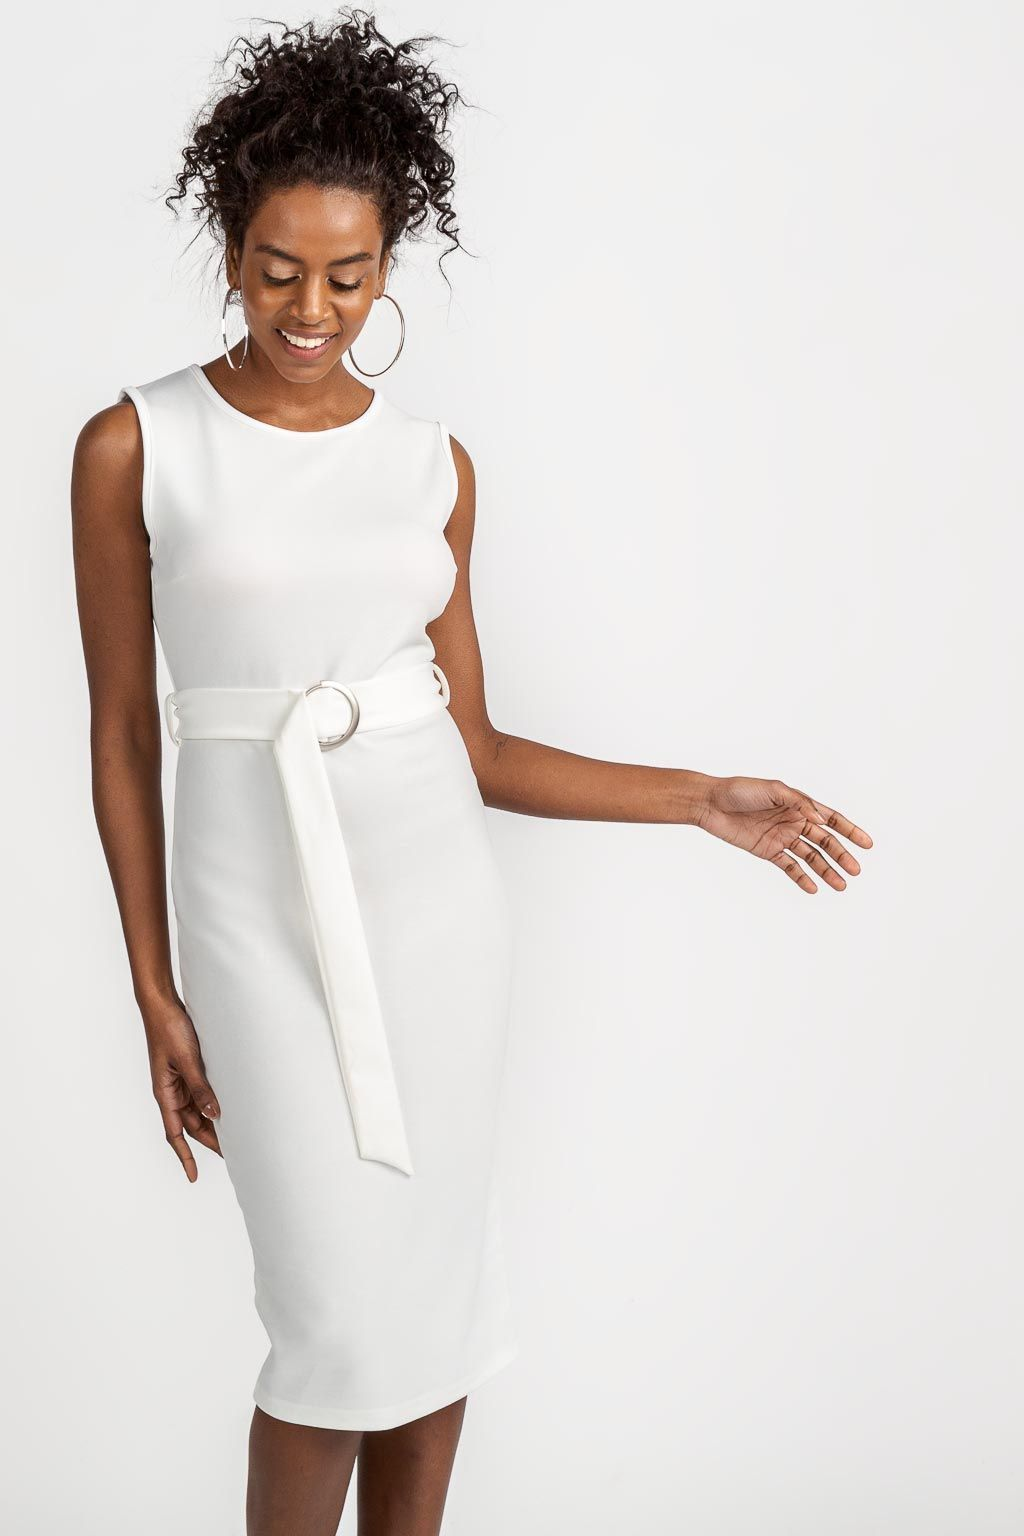 Υπέροχο midi φόρεμα από τα Anel Fashion που δεν πρέπει να χάσετε σε αυτήν  την 01f7b13be34